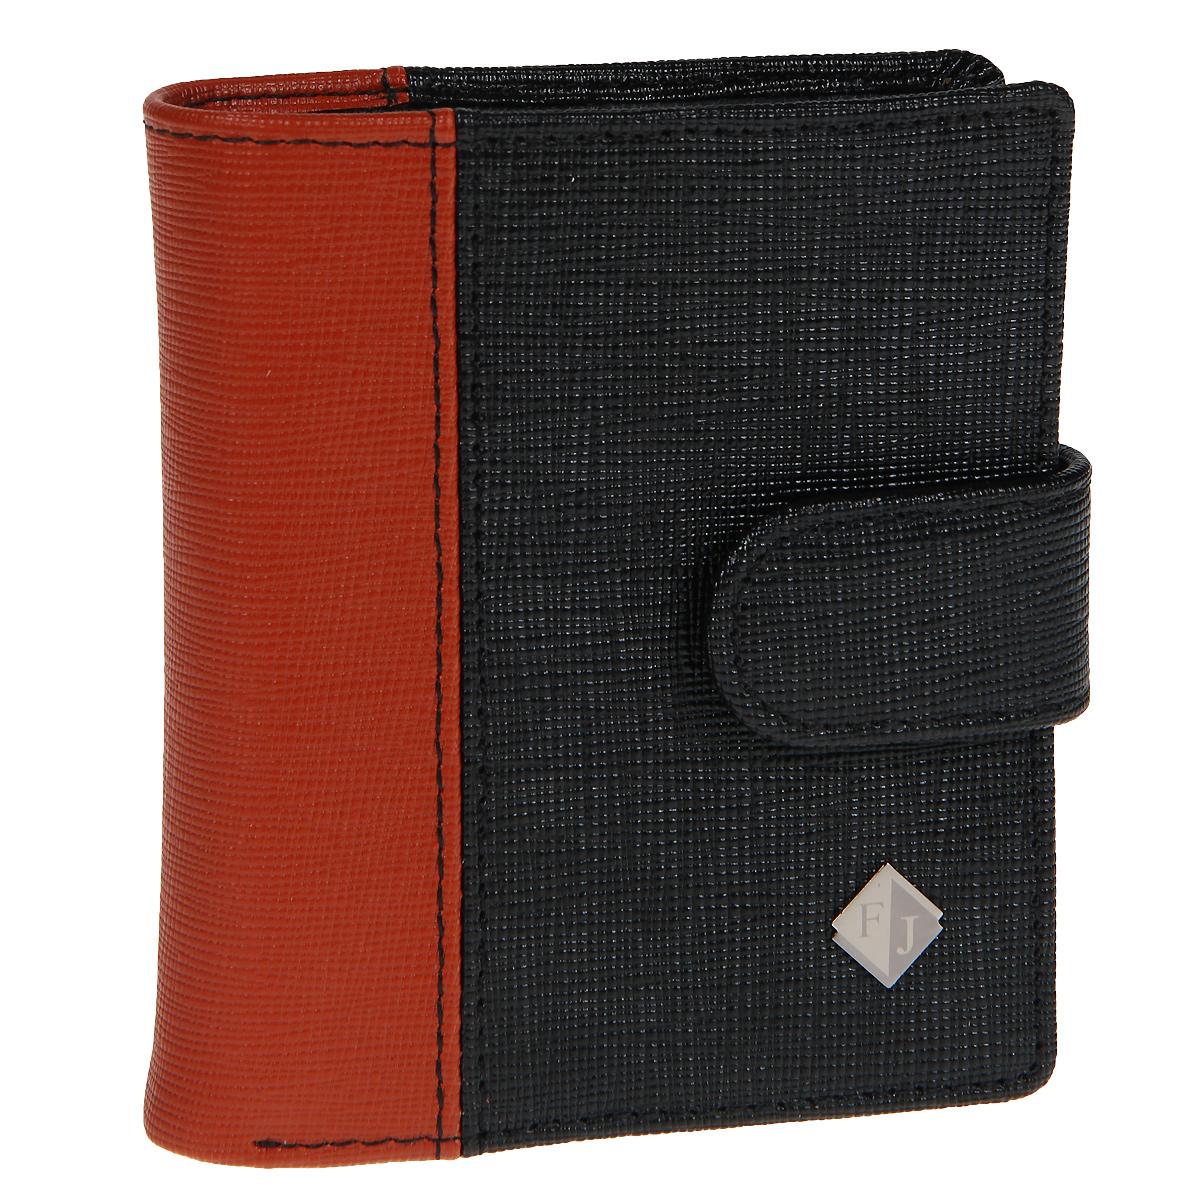 Кошелек мужской Flioraj, цвет: черный, рыжий. 3097-05/04/F3097-05/04/F черн-рыжСтильный компактный кошелек Flioraj выполнен из натуральной кожи черного цвета со вставкой из рыжей кожи и закрывается хлястиком на кнопку. Кошелек содержит отделение для купюр, четыре наборных кармашка для кредитных карт, карман для мелочи на молнии, маленький кармашек для бумаг и чеков и металлический зажим для купюр. Также кошелек имеет два кармашка для хранения sim и флэш-карт. Характеристики: Материал: натуральная кожа, металл, текстиль. Цвет: черный, рыжий. Размер кошелька: 10 см х 9 см х 2,5 см. Размер упаковки: 15 см х 12,5 см х 4 см. Артикул: 3097-05/04/F.